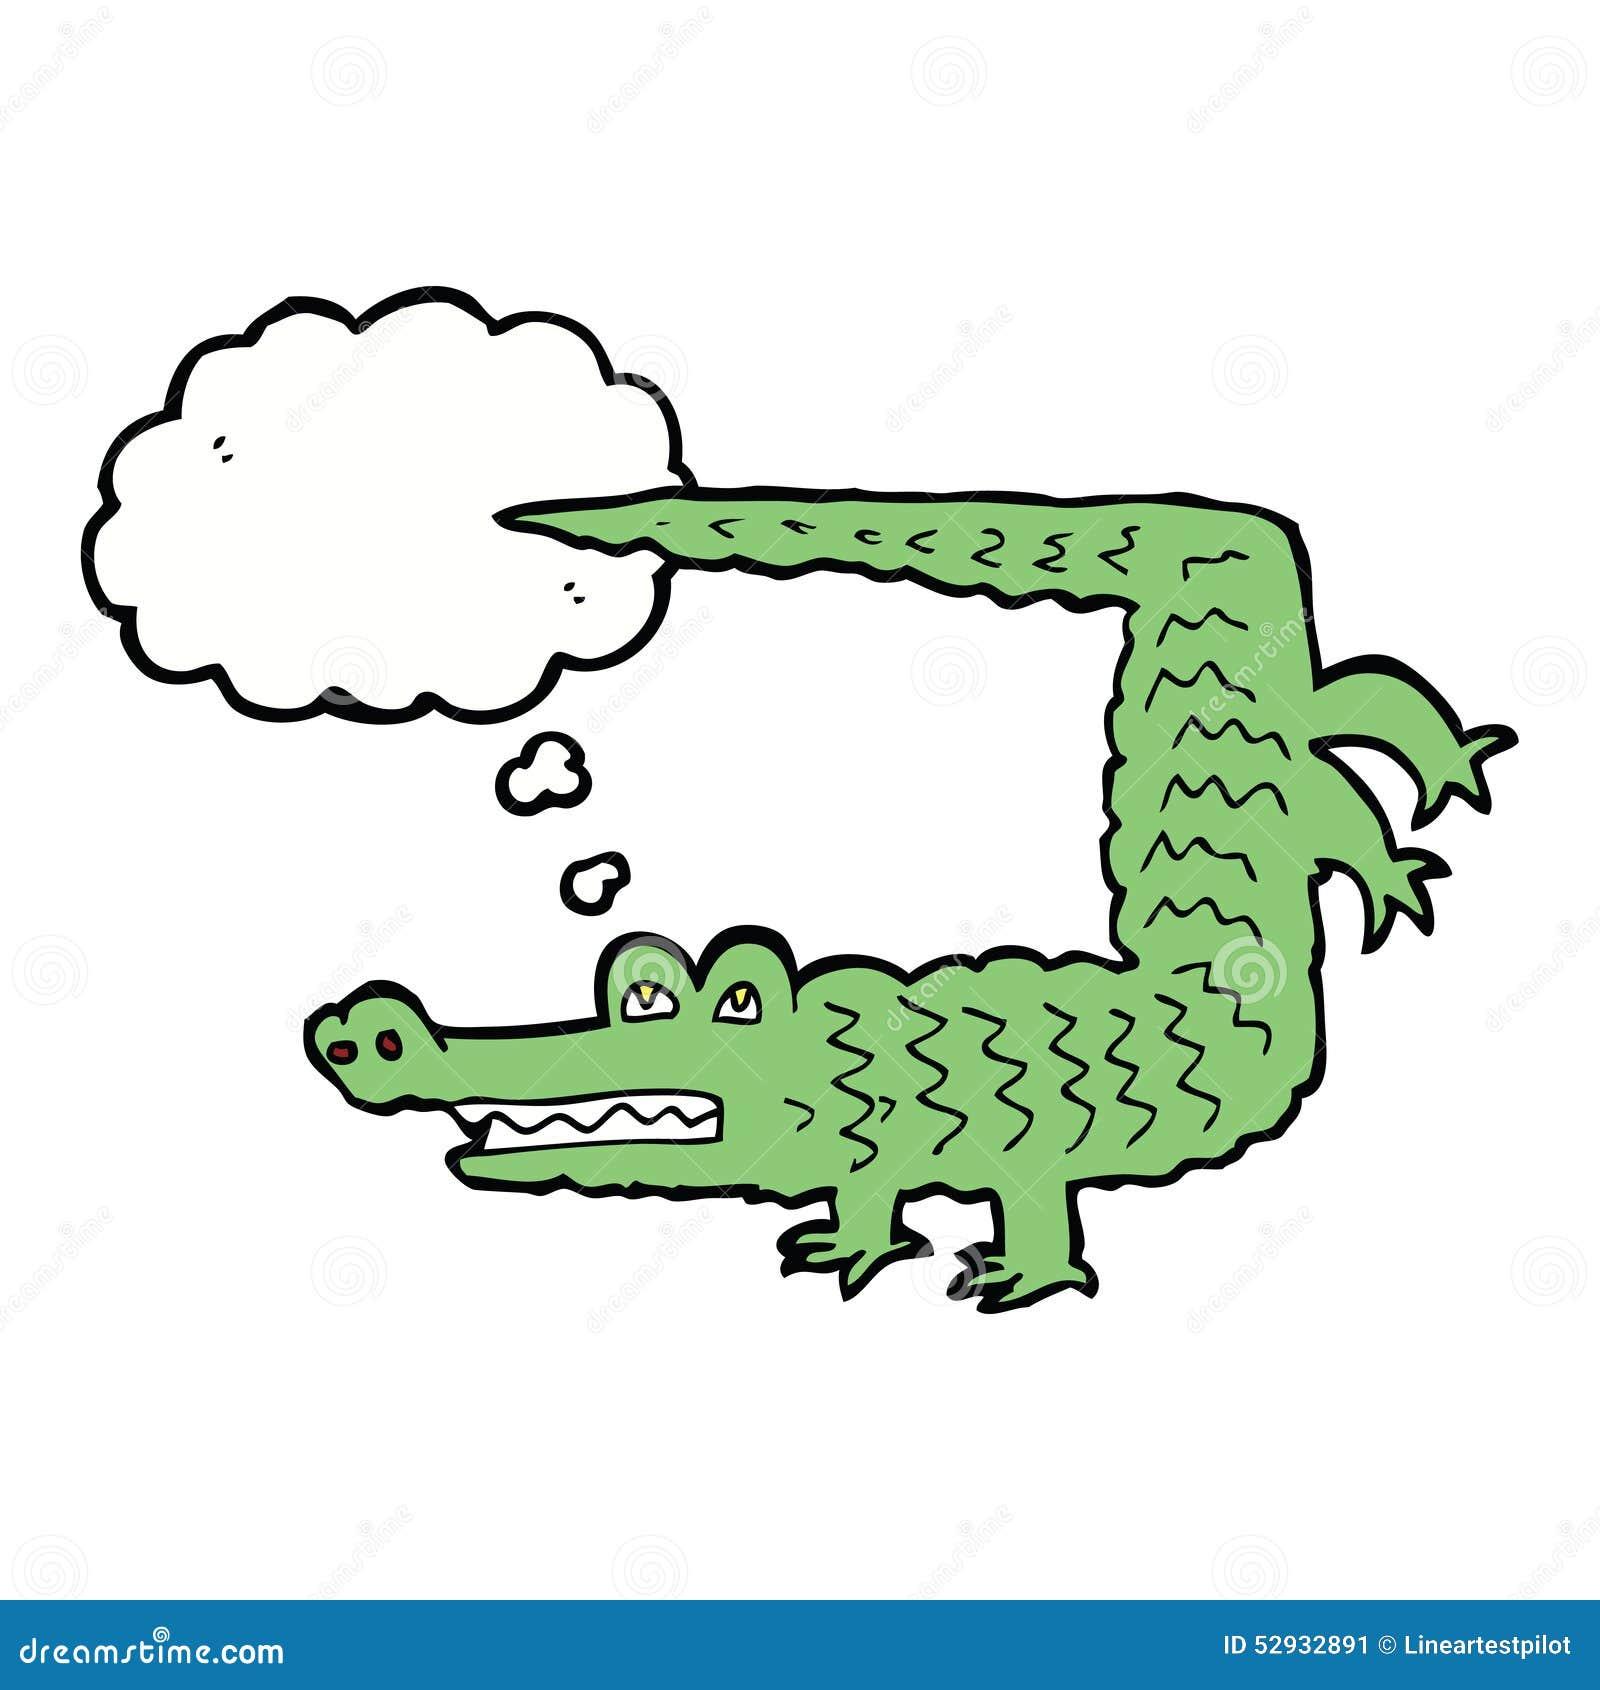 будем вязать задумчивый крокодил картинка ребенка взрослого